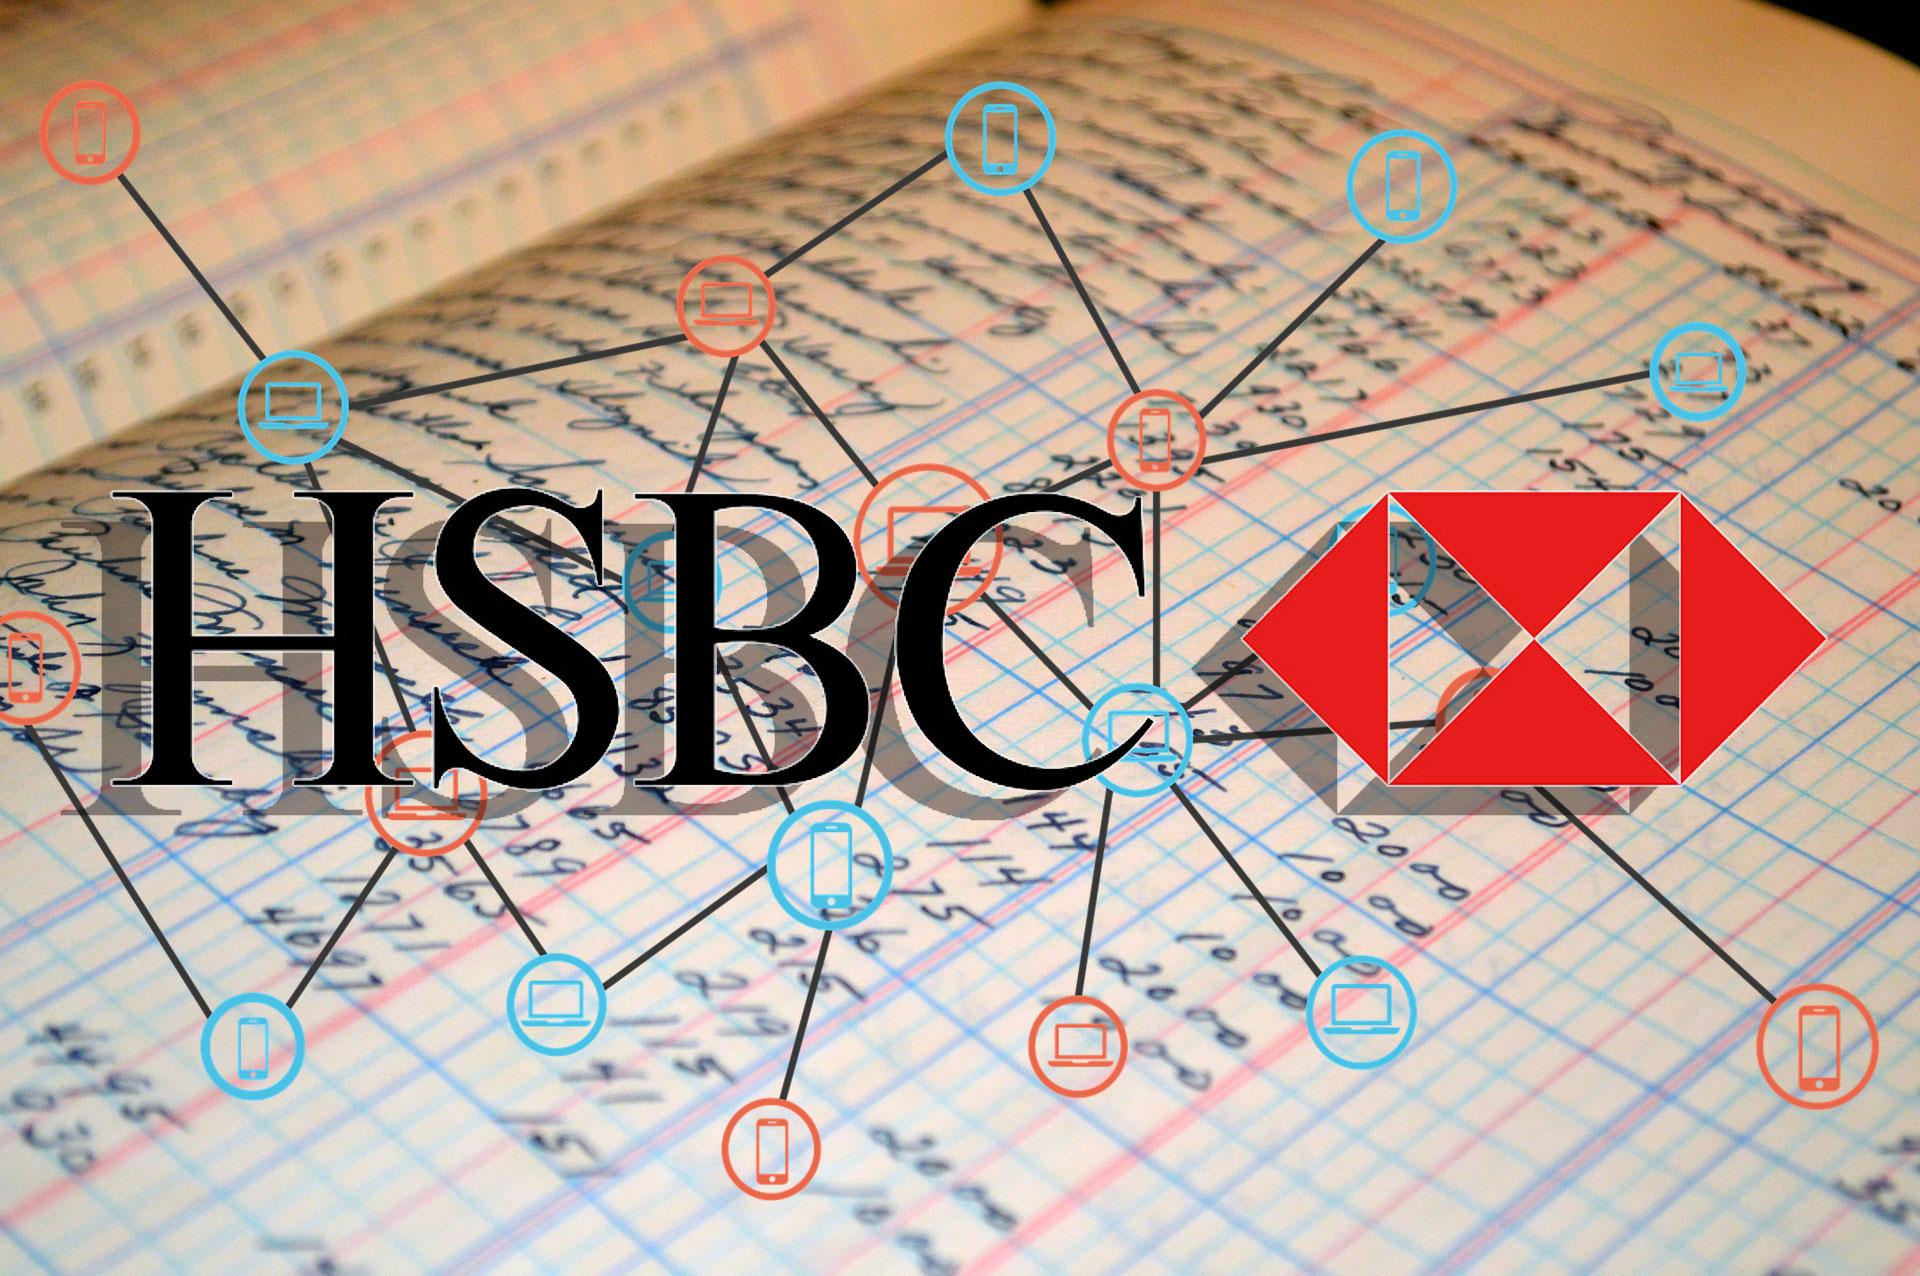 英メガバンクHSBC、ブロックチェーン技術により紙ベースの私募債記録をデジタル化!